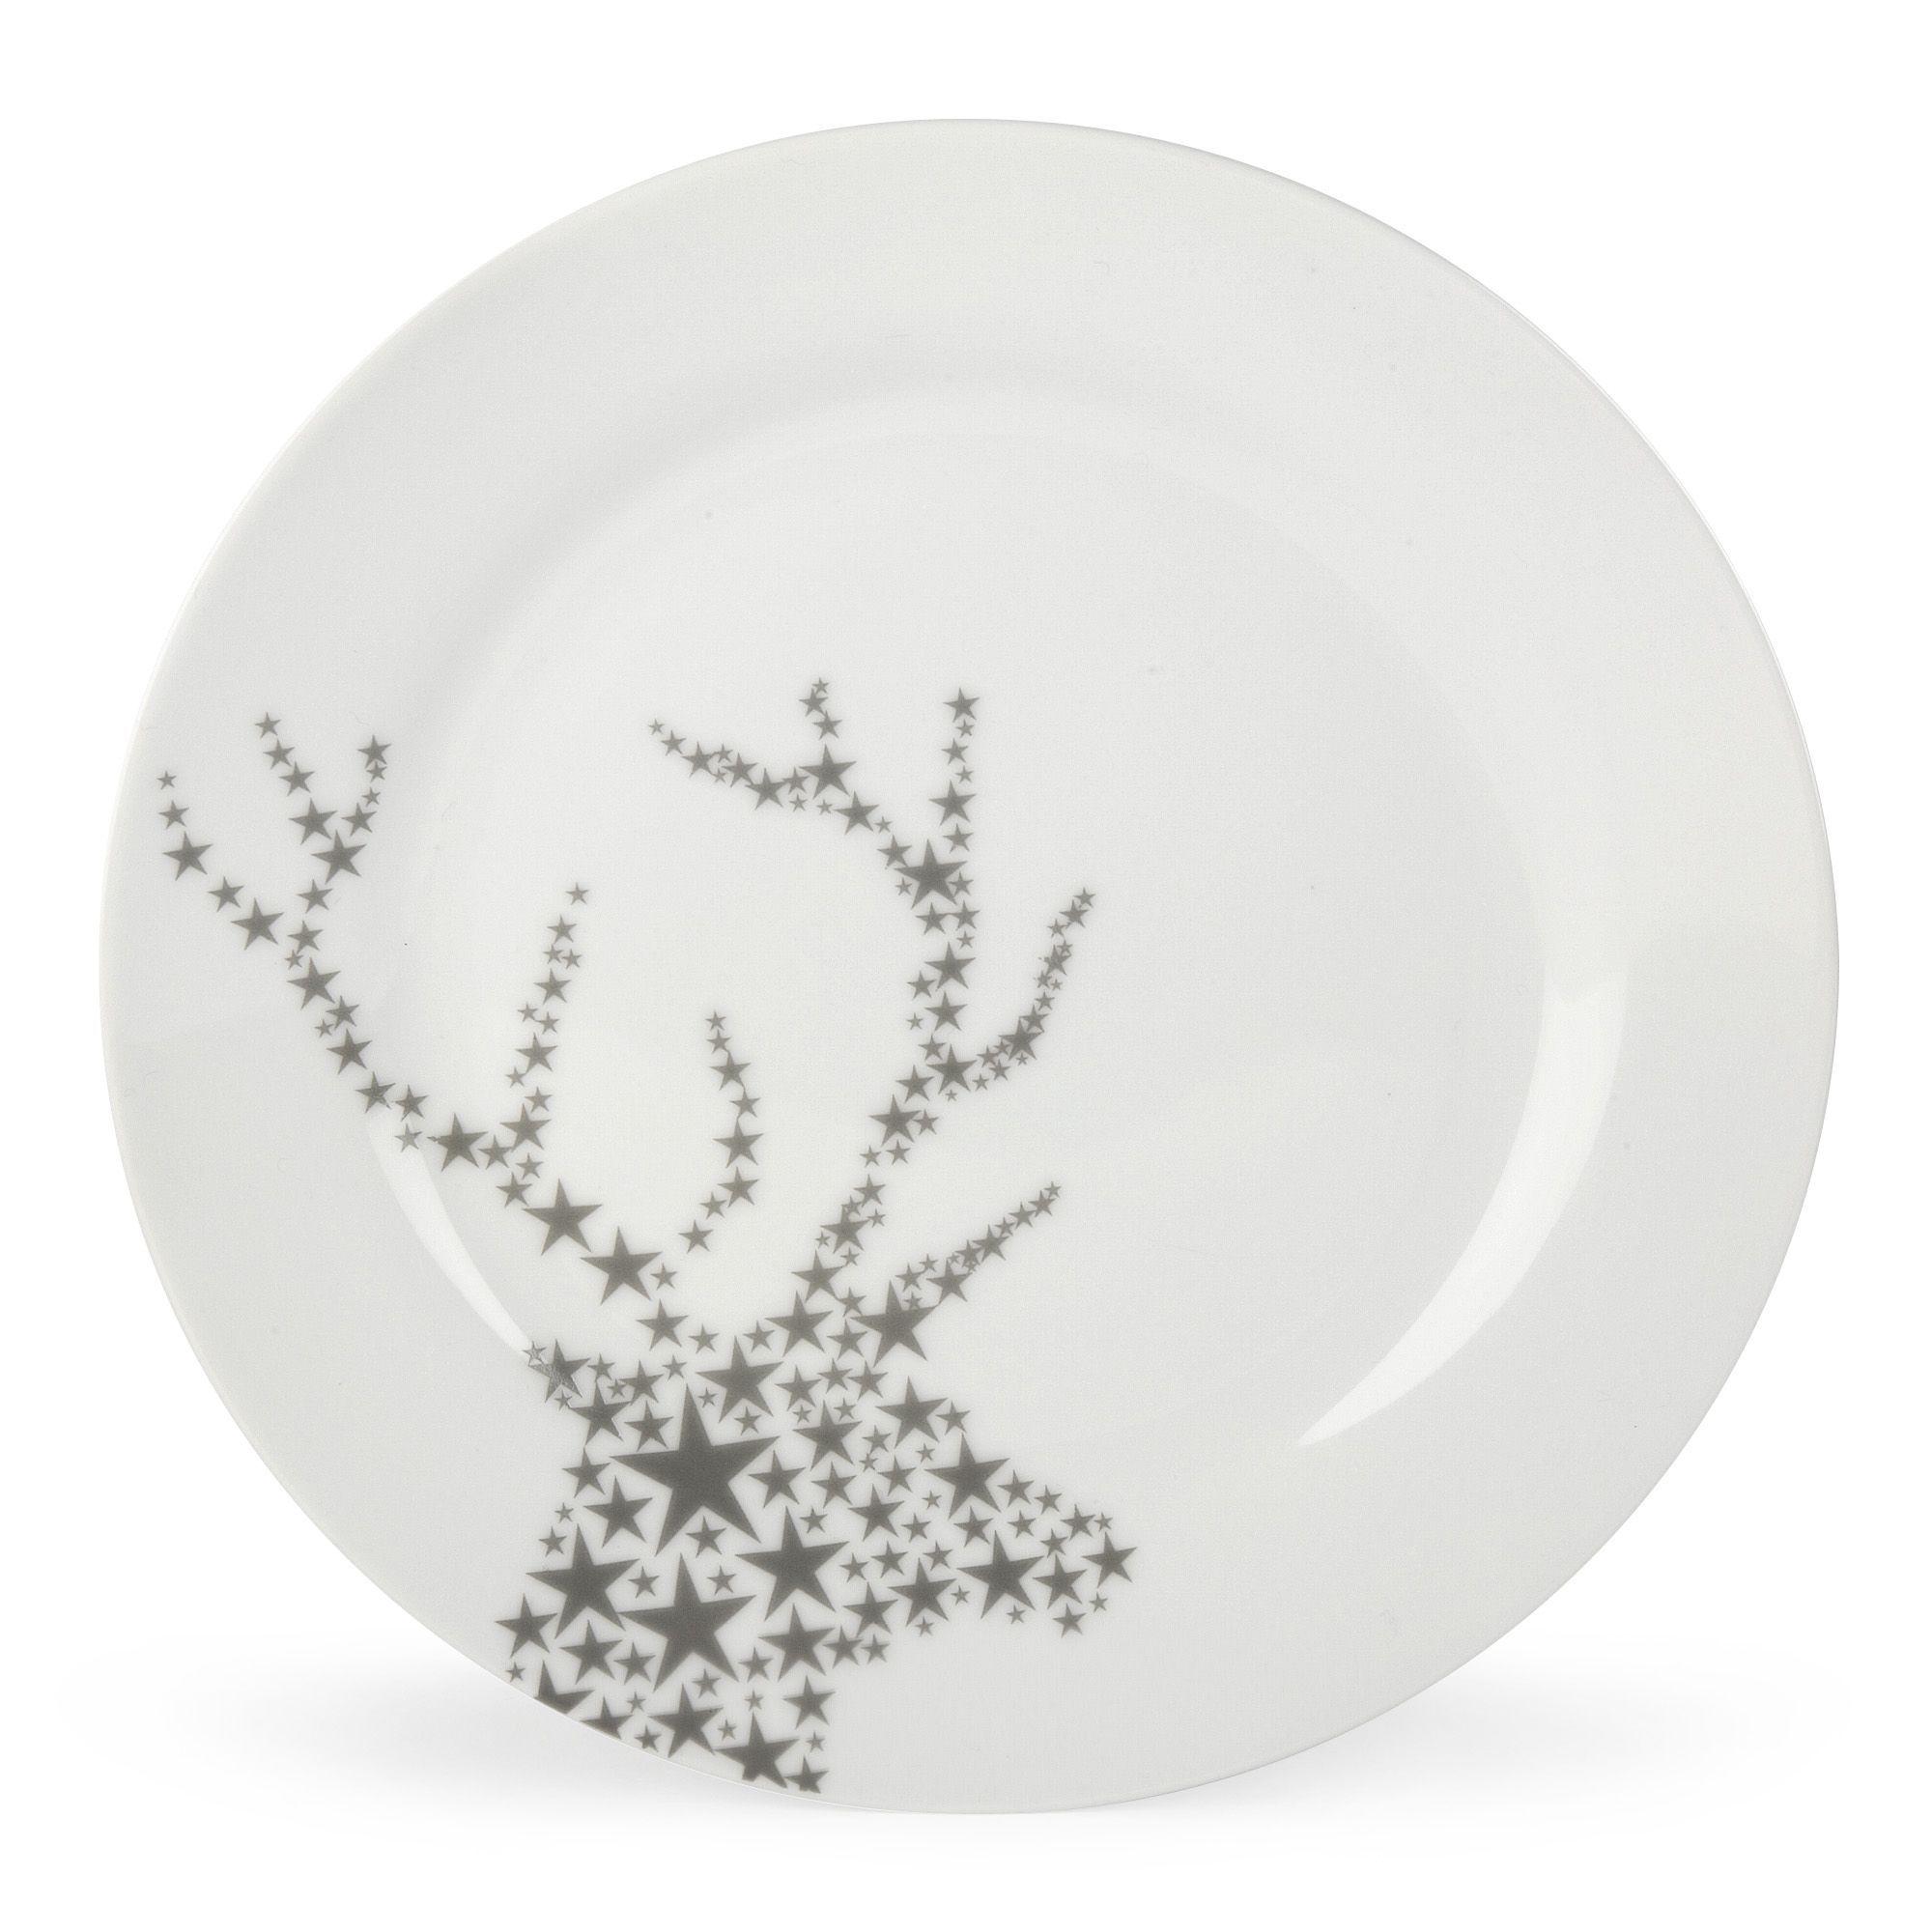 assiette plate blanche et argent e fauna les assiettes plates assiettes arts de la table. Black Bedroom Furniture Sets. Home Design Ideas